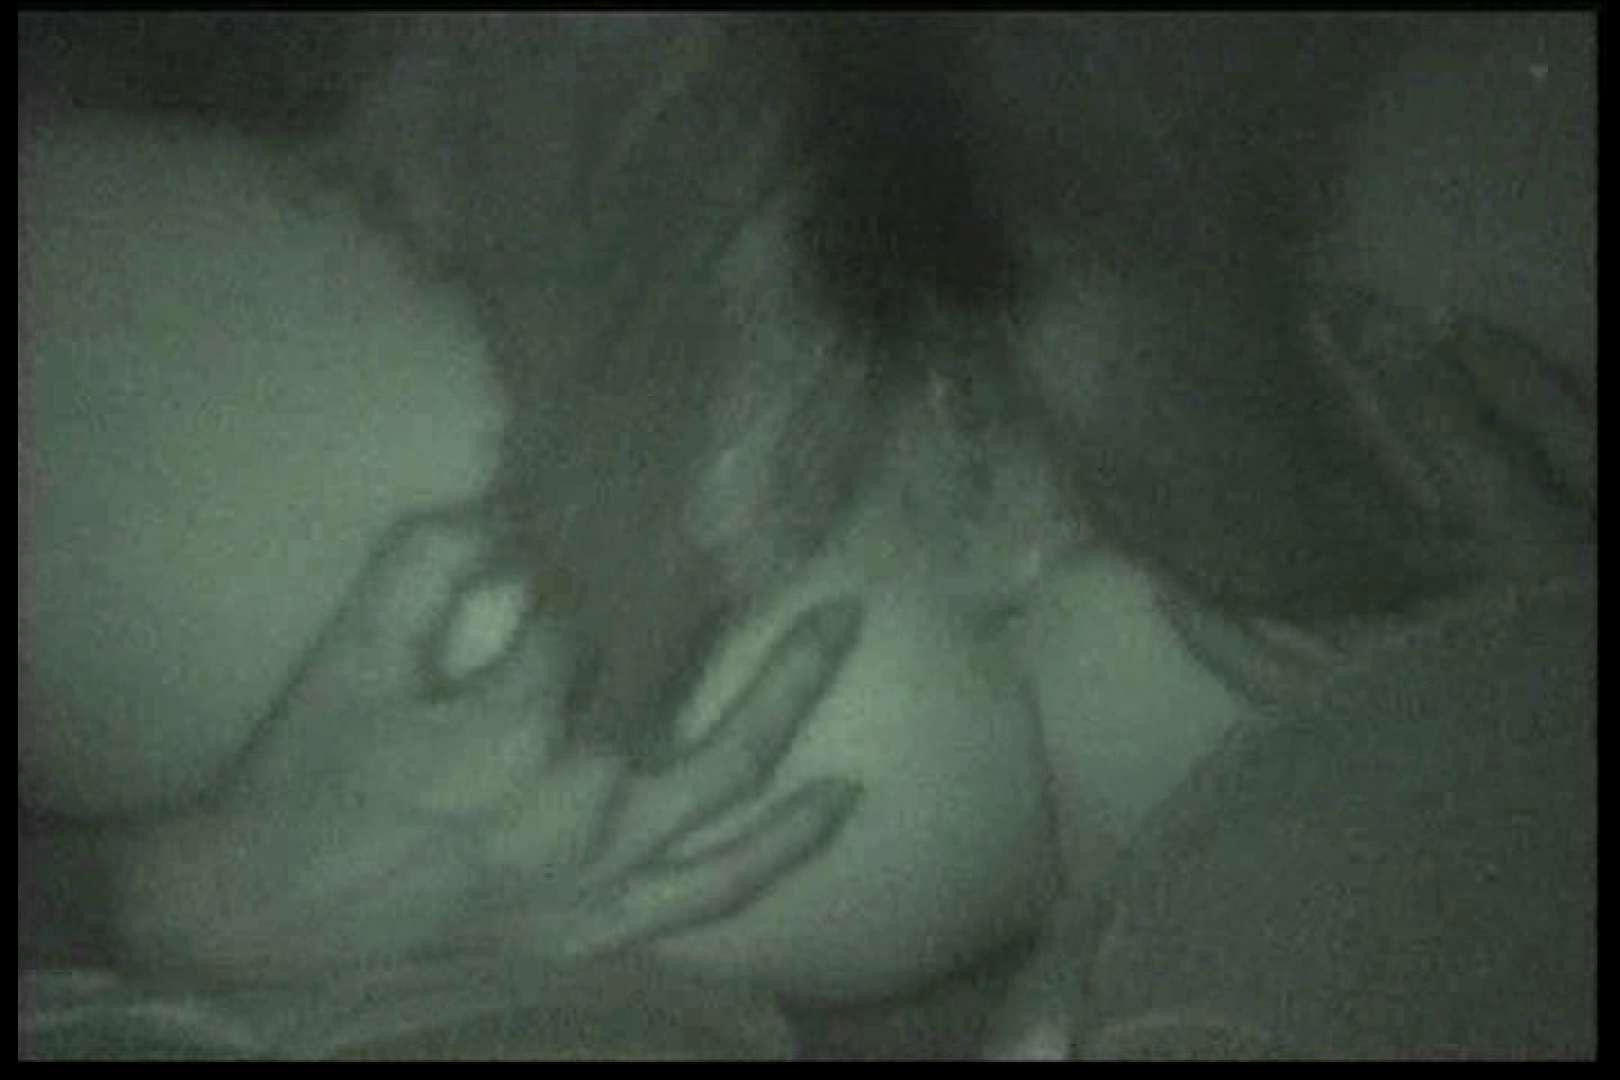 車の中はラブホテル 無修正版  Vol.14 OLセックス 盗撮オメコ無修正動画無料 100画像 98